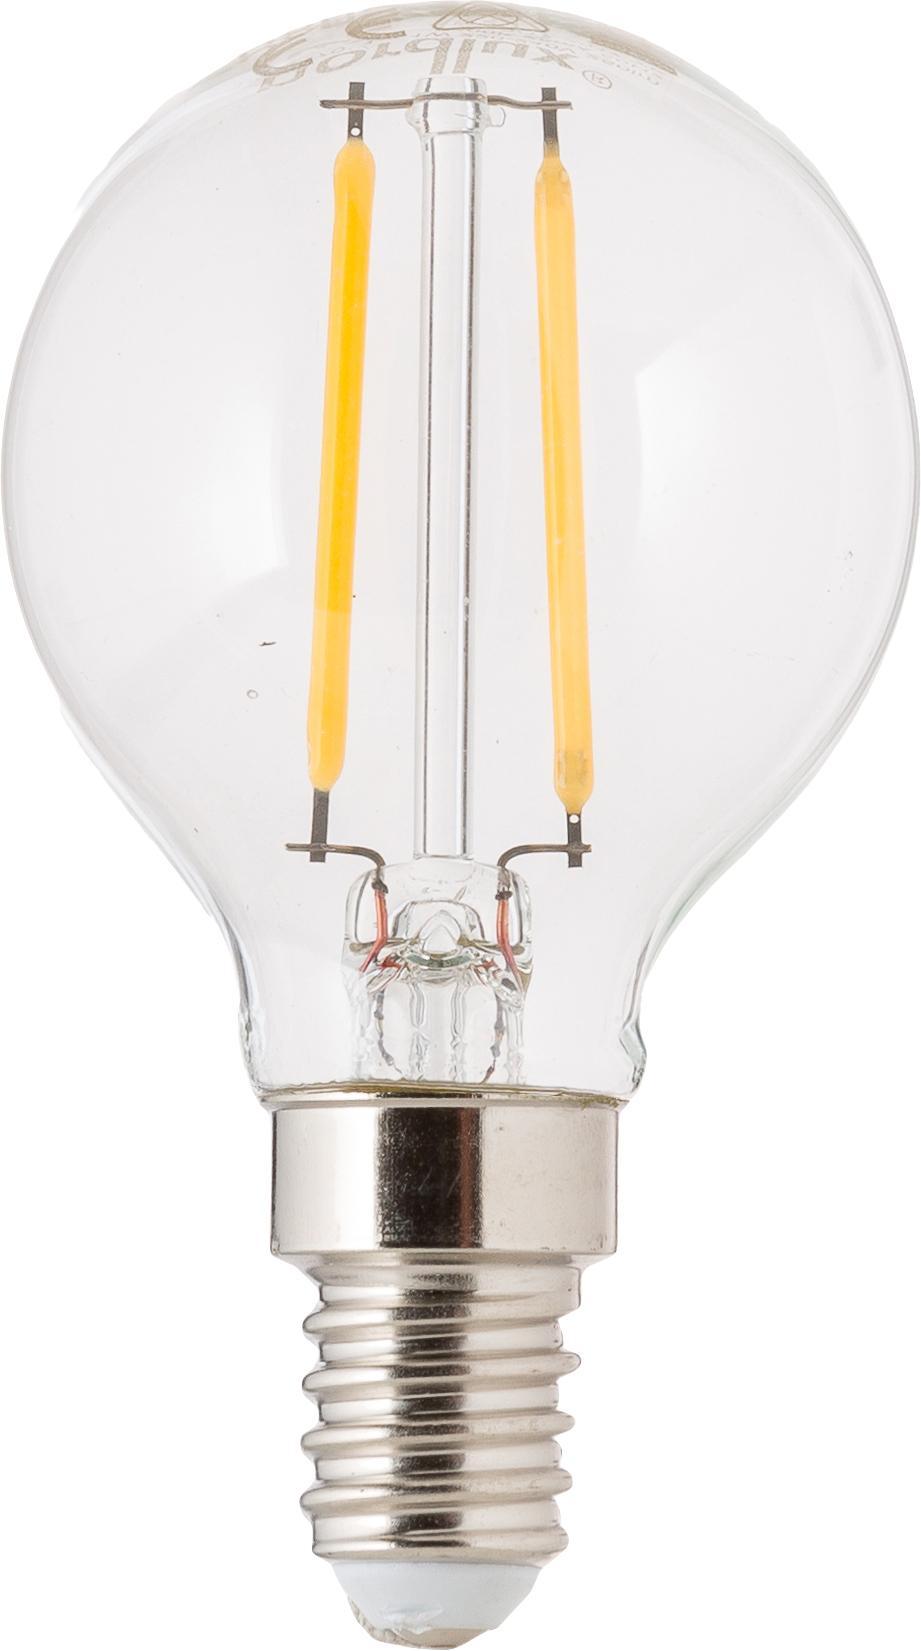 LED lamp Yekon (E14 / 2W) 5 stuks, Peertje: glas, Fitting: aluminium, Transparant, Ø 5 x H 8 cm